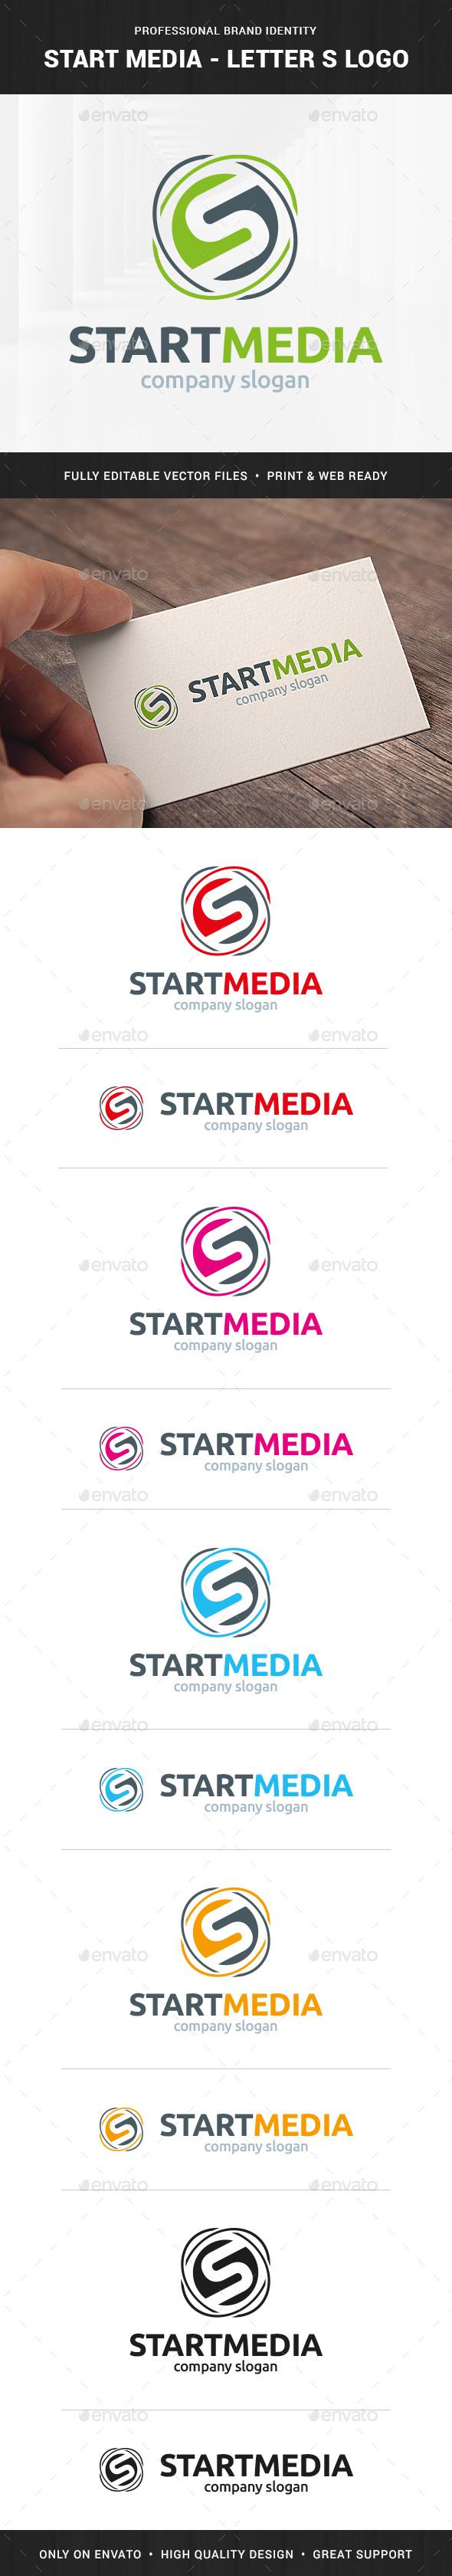 Start Media - Letter S Logo